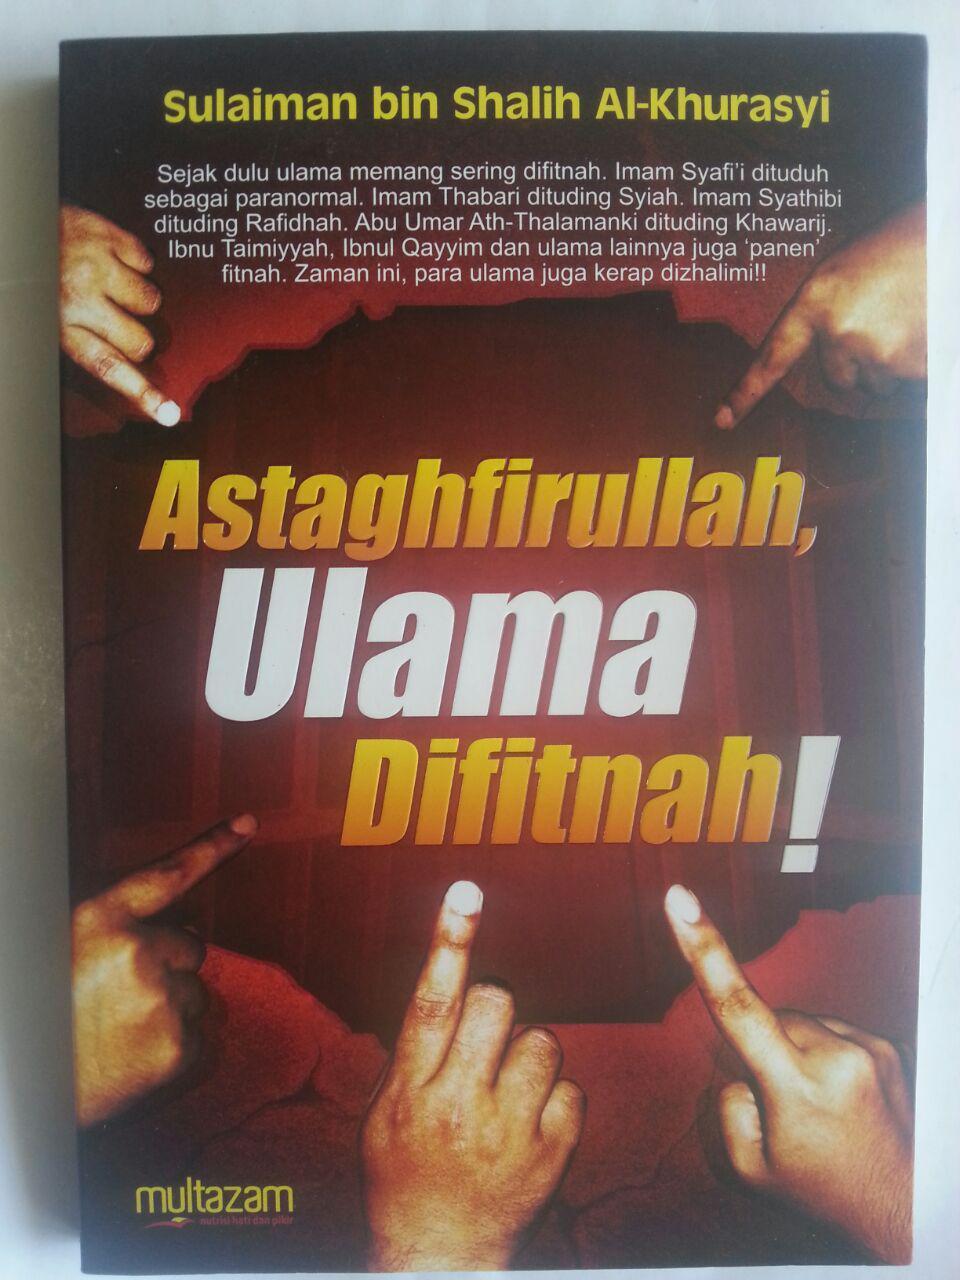 Buku Astaghfirullah Ulama Difitnah cover 2